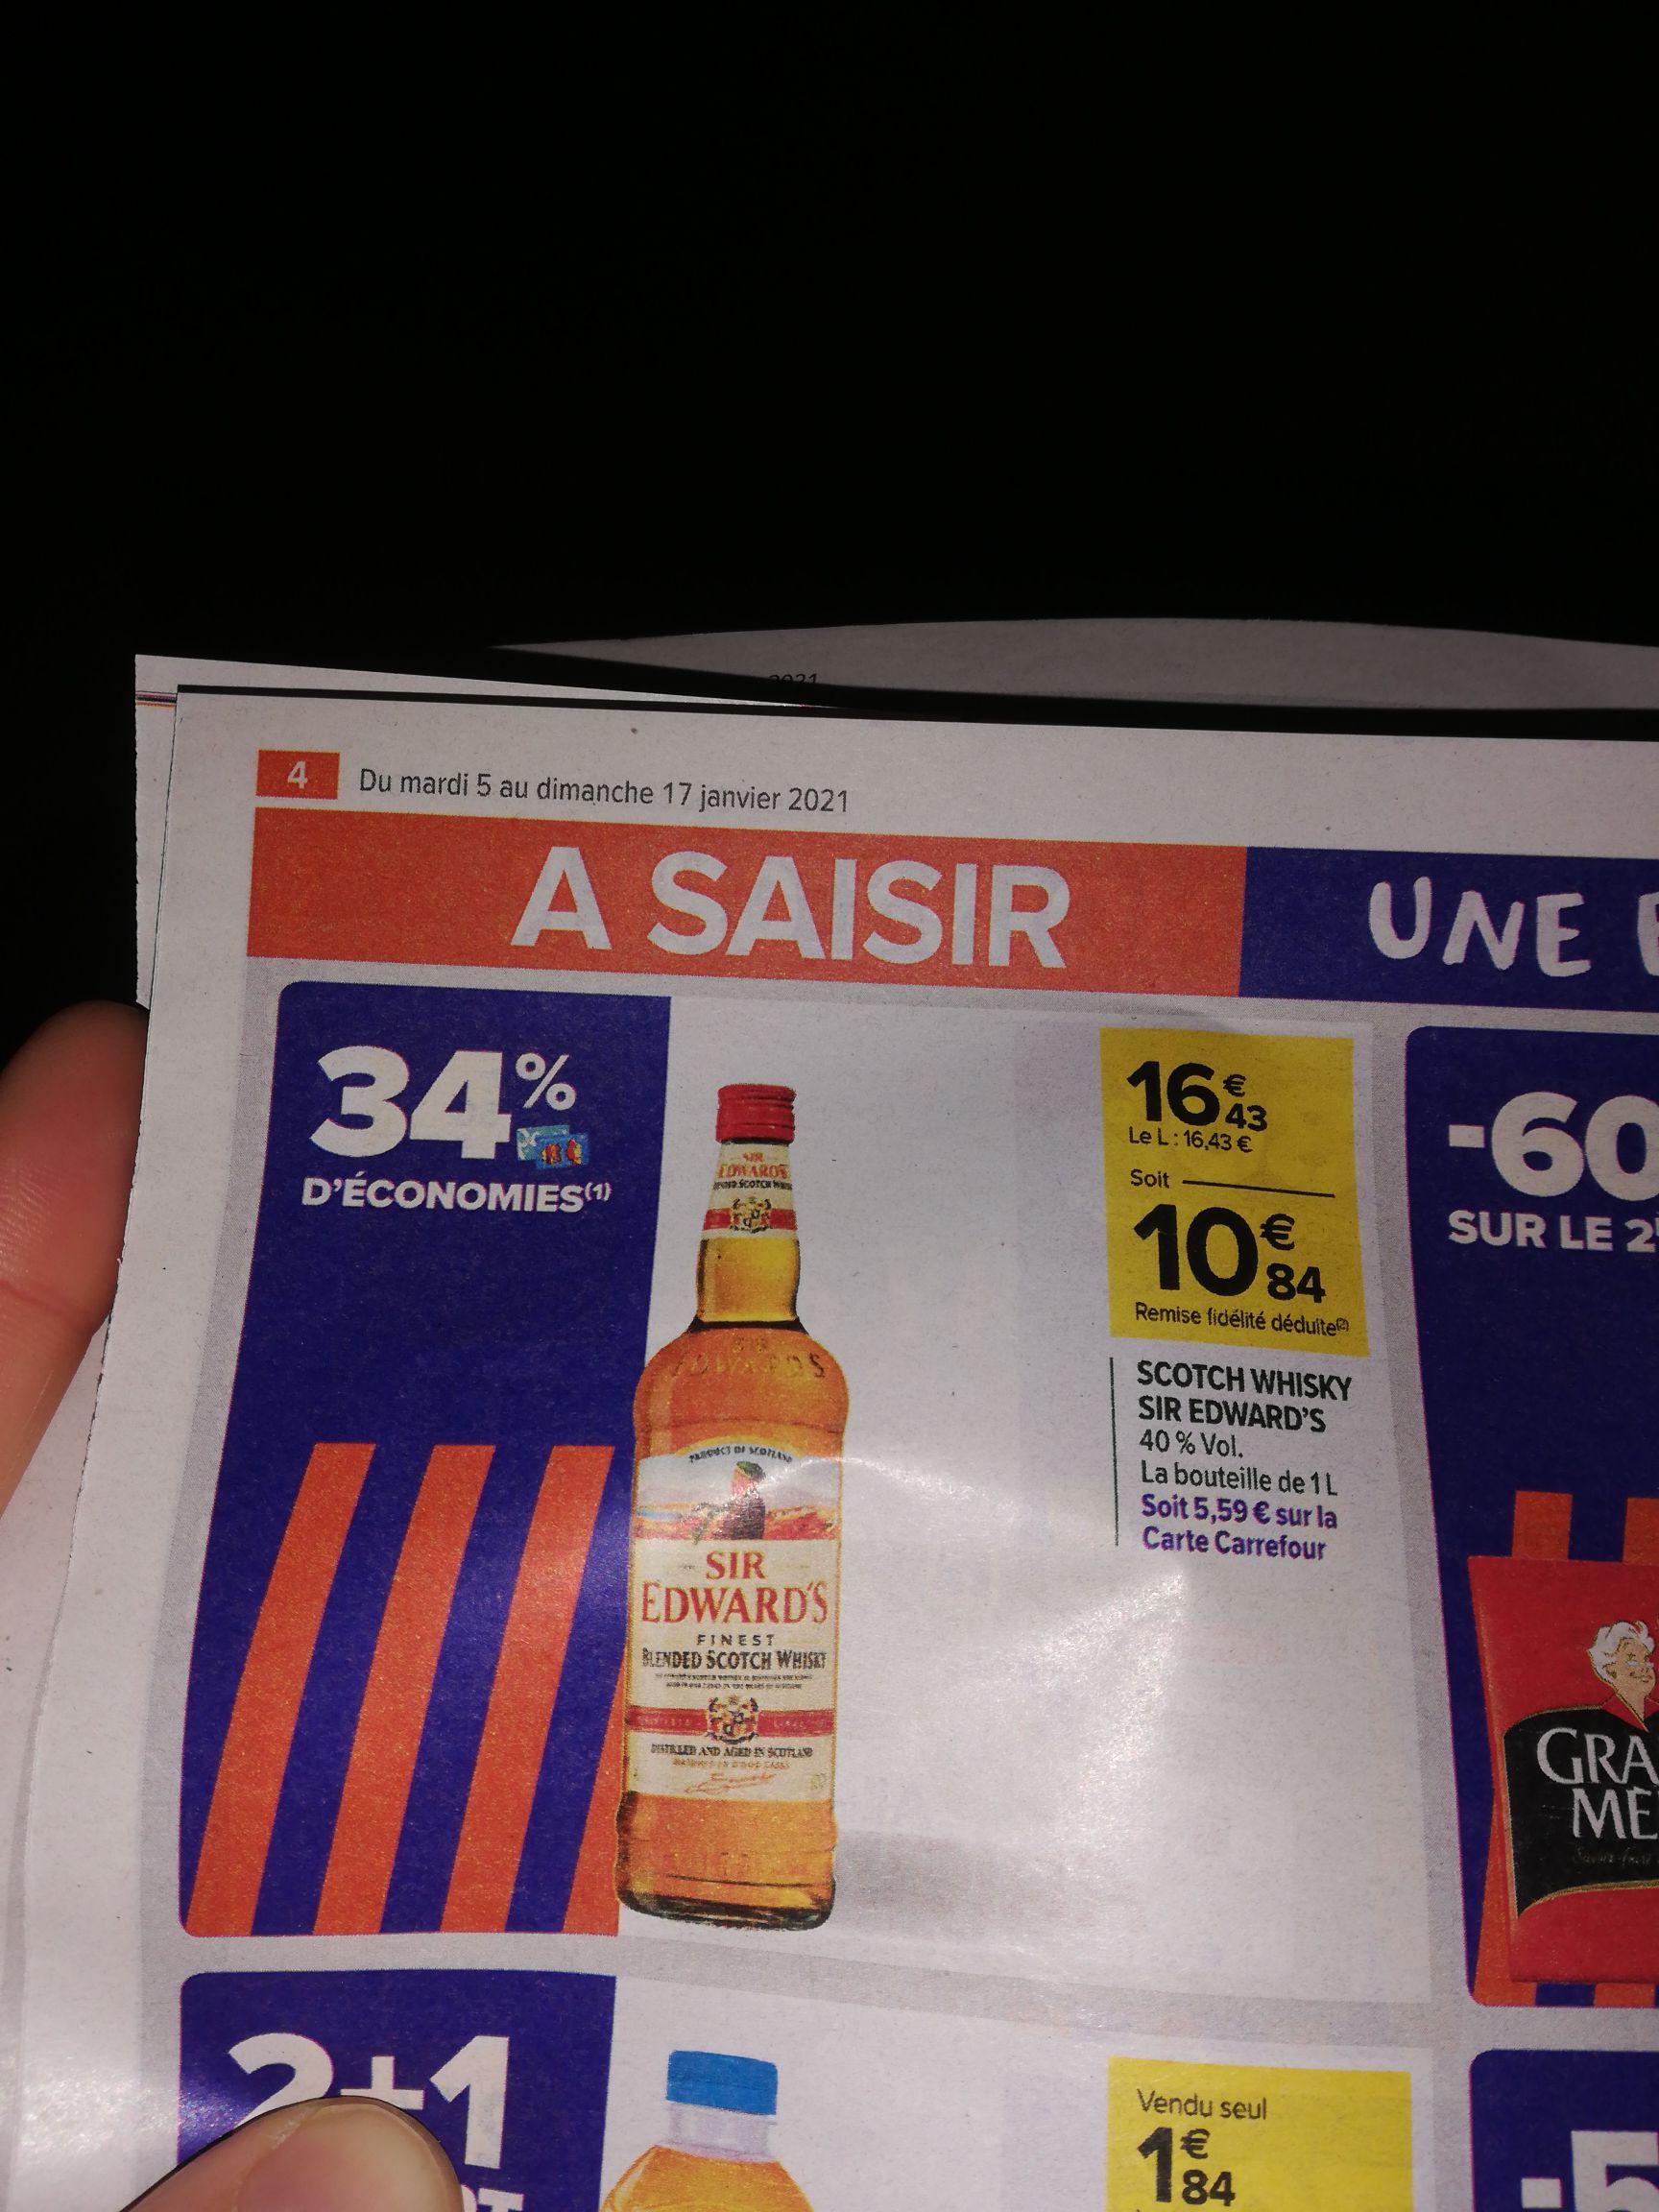 Bouteille de whisky sir Edward's - 1l (avec 5.59€ sur la carte)